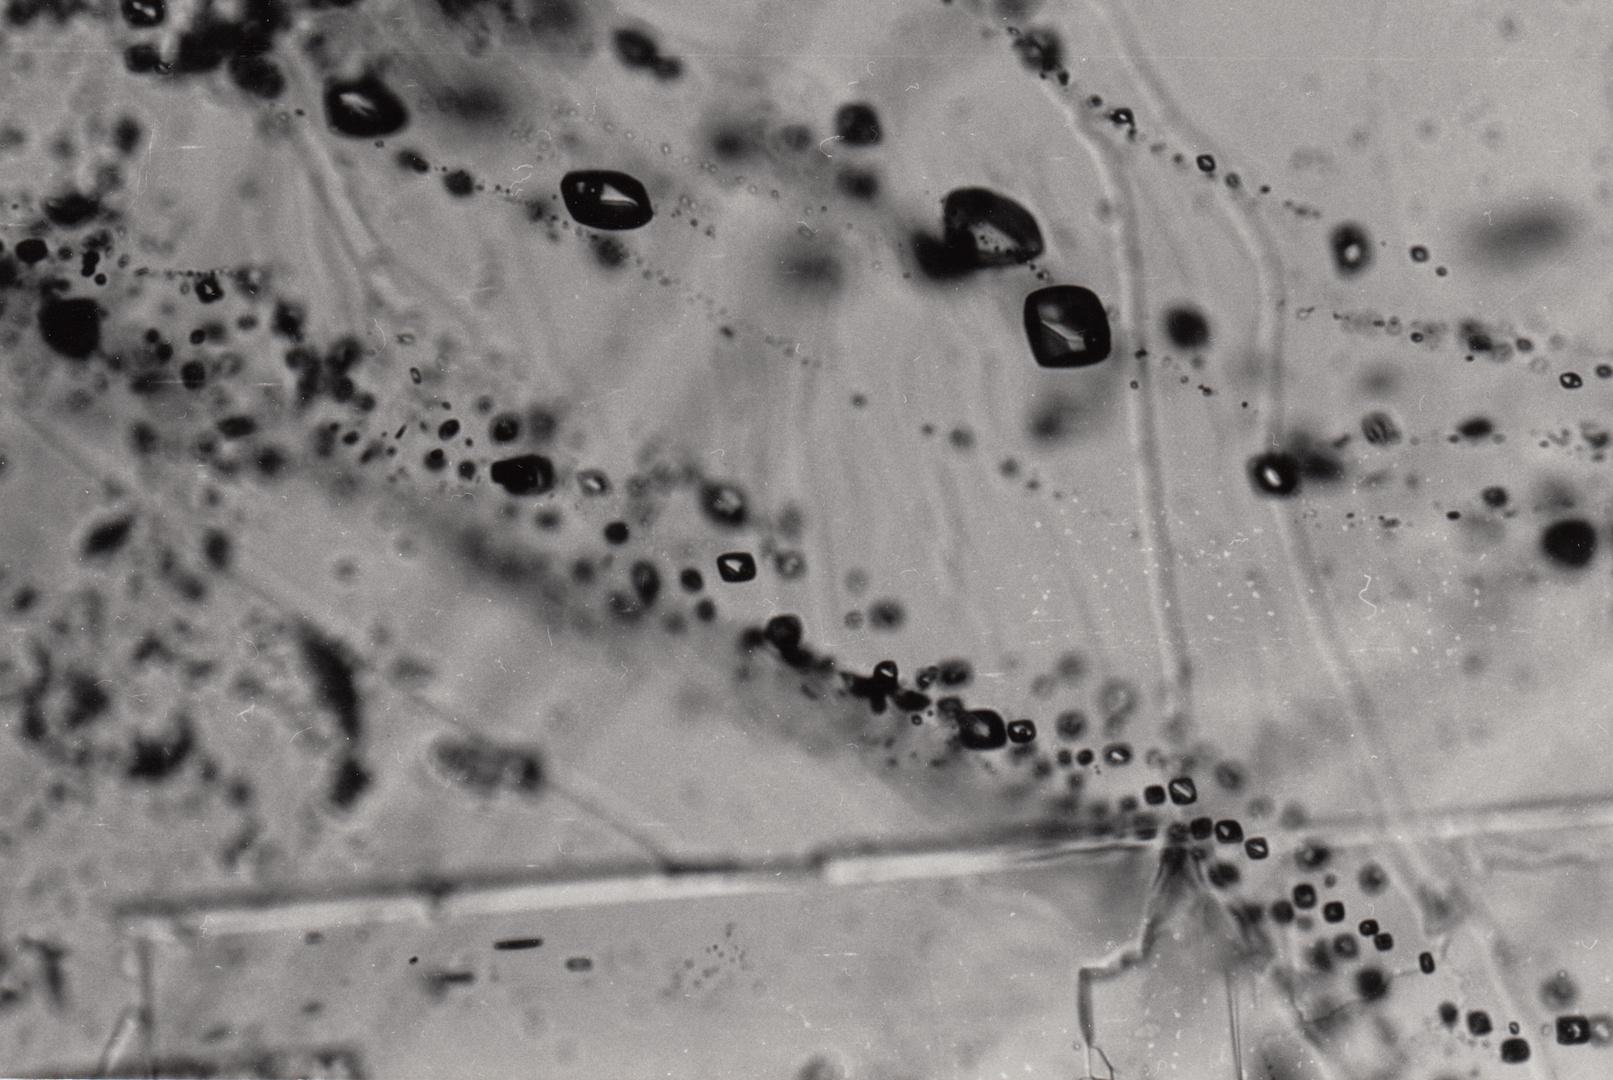 Flüssigkeitseinschlüsse in Mineralen - hier in Calcit